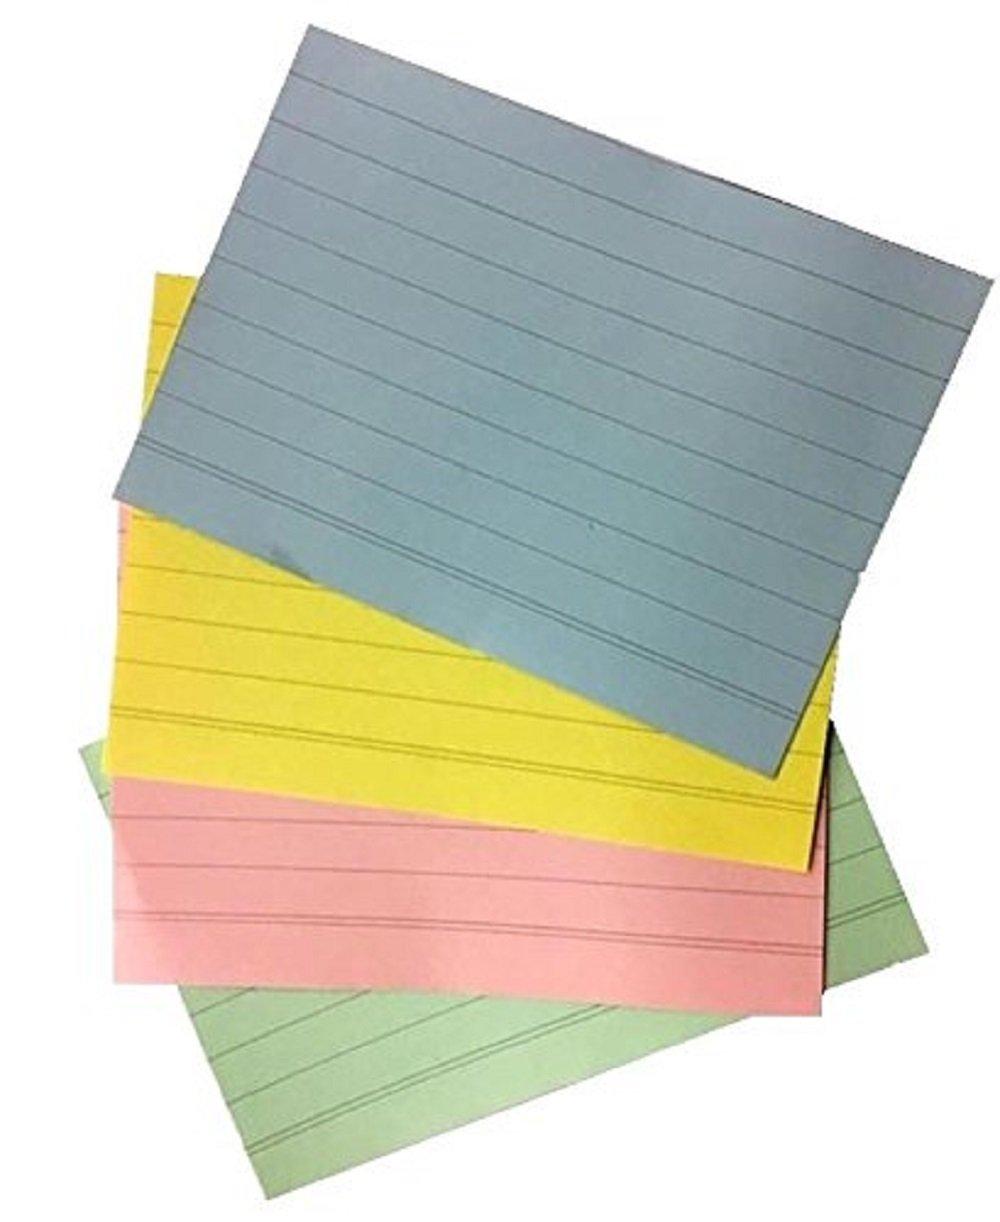 Dalton Manor 128mm x 76mm Ruled record Index revisione spot Cards, 200pezzi in 4colori pastello